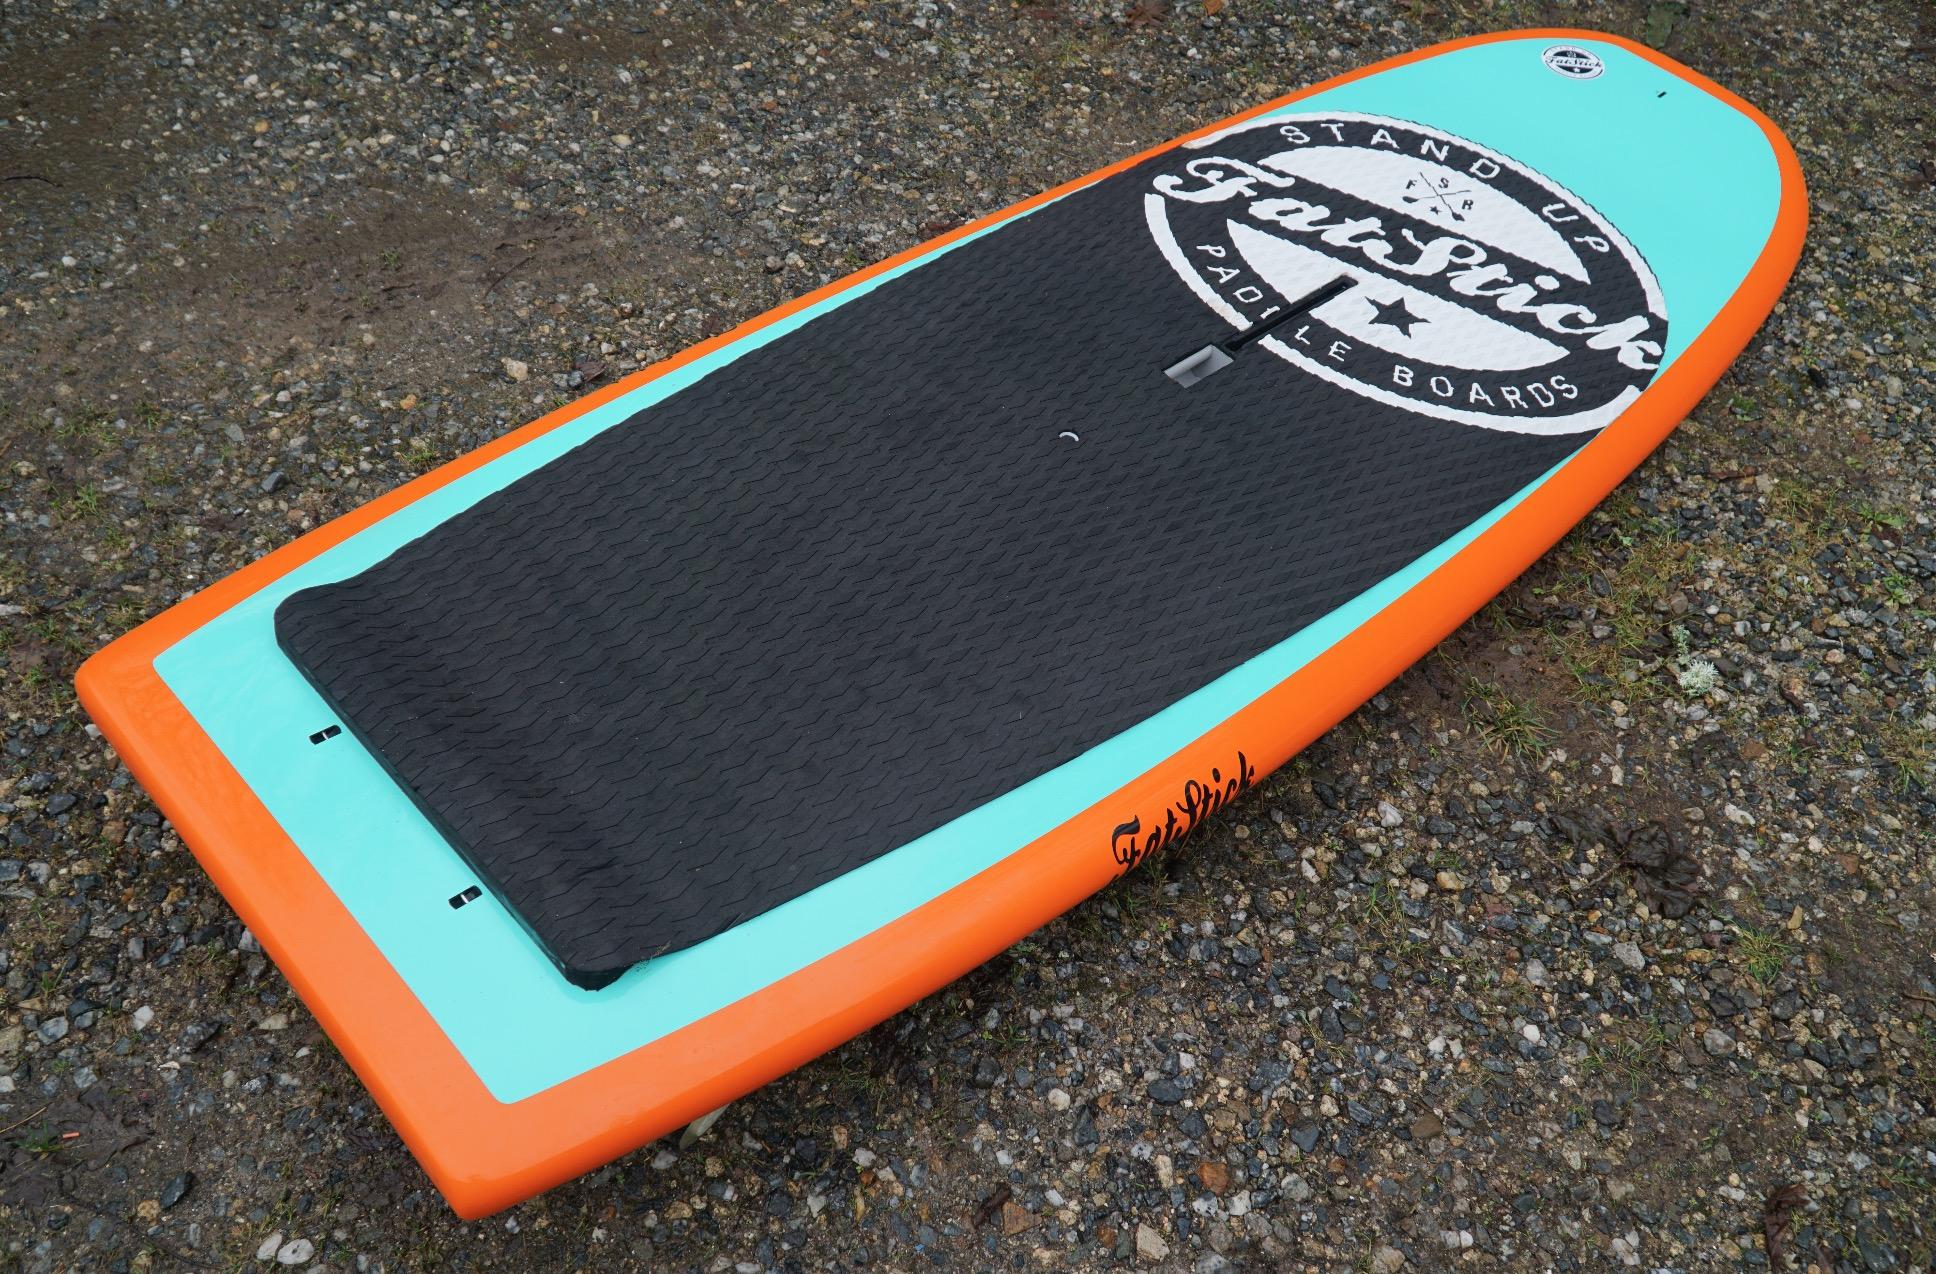 Fatstick SUP Skate